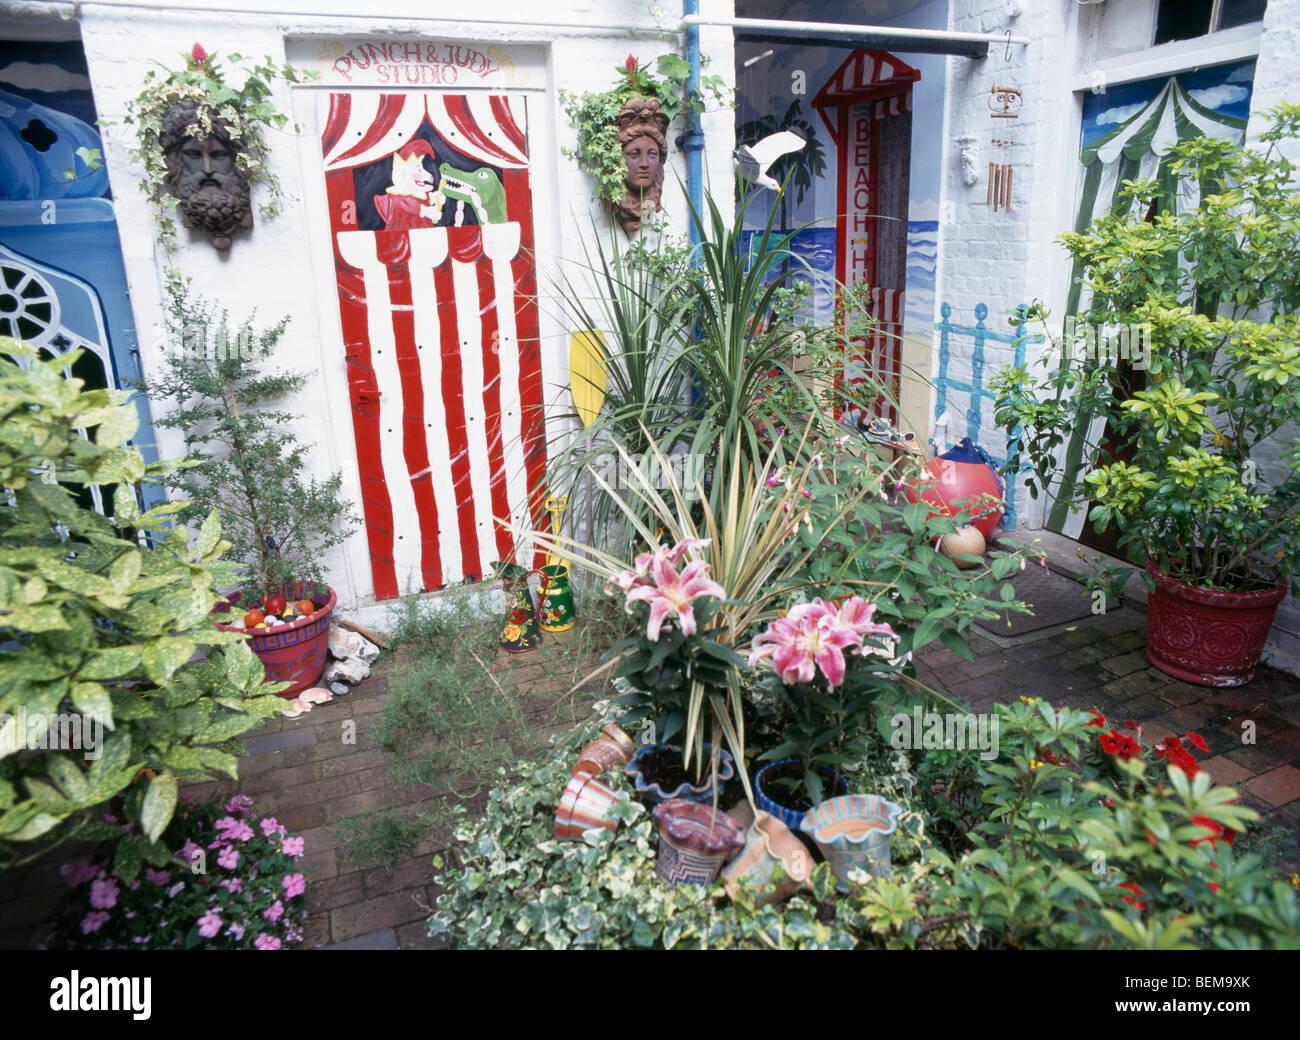 Bunten Pflanzen und grüne Sträucher in Töpfen im kleinen Keller